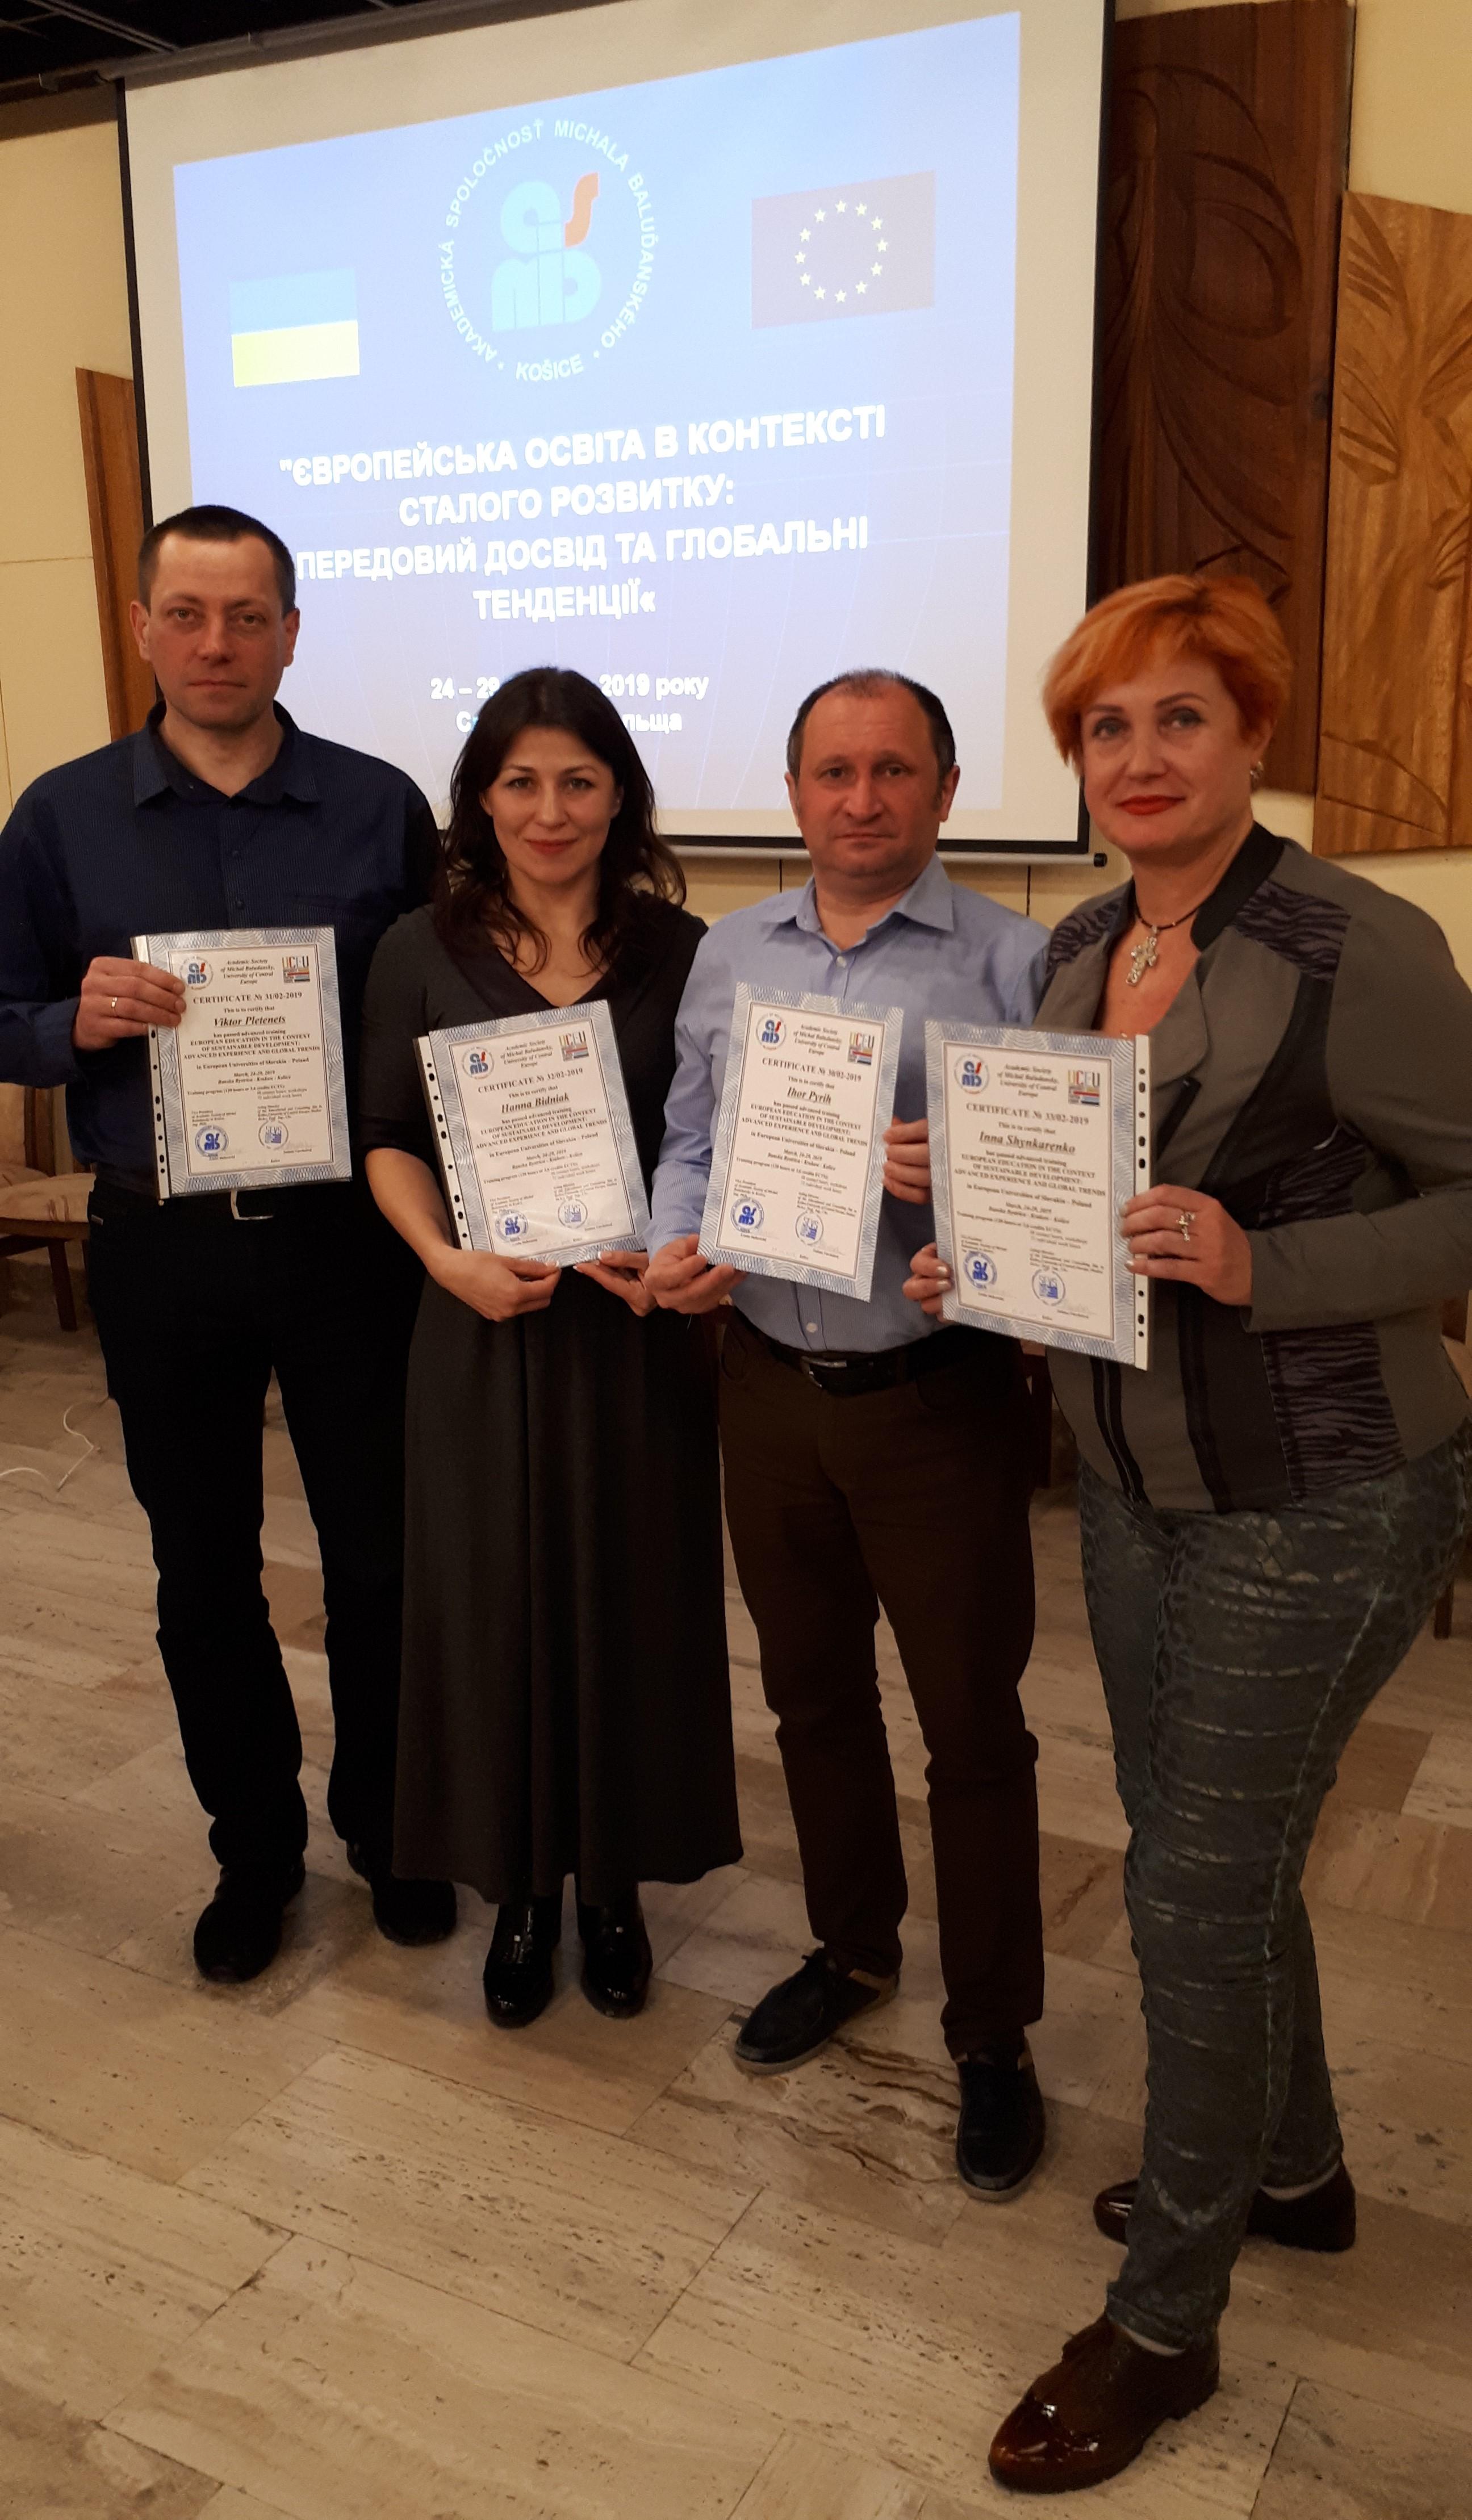 Спеціалісти ДДУВС пройшли стажування у провідних вишах Польщі та Словаччини